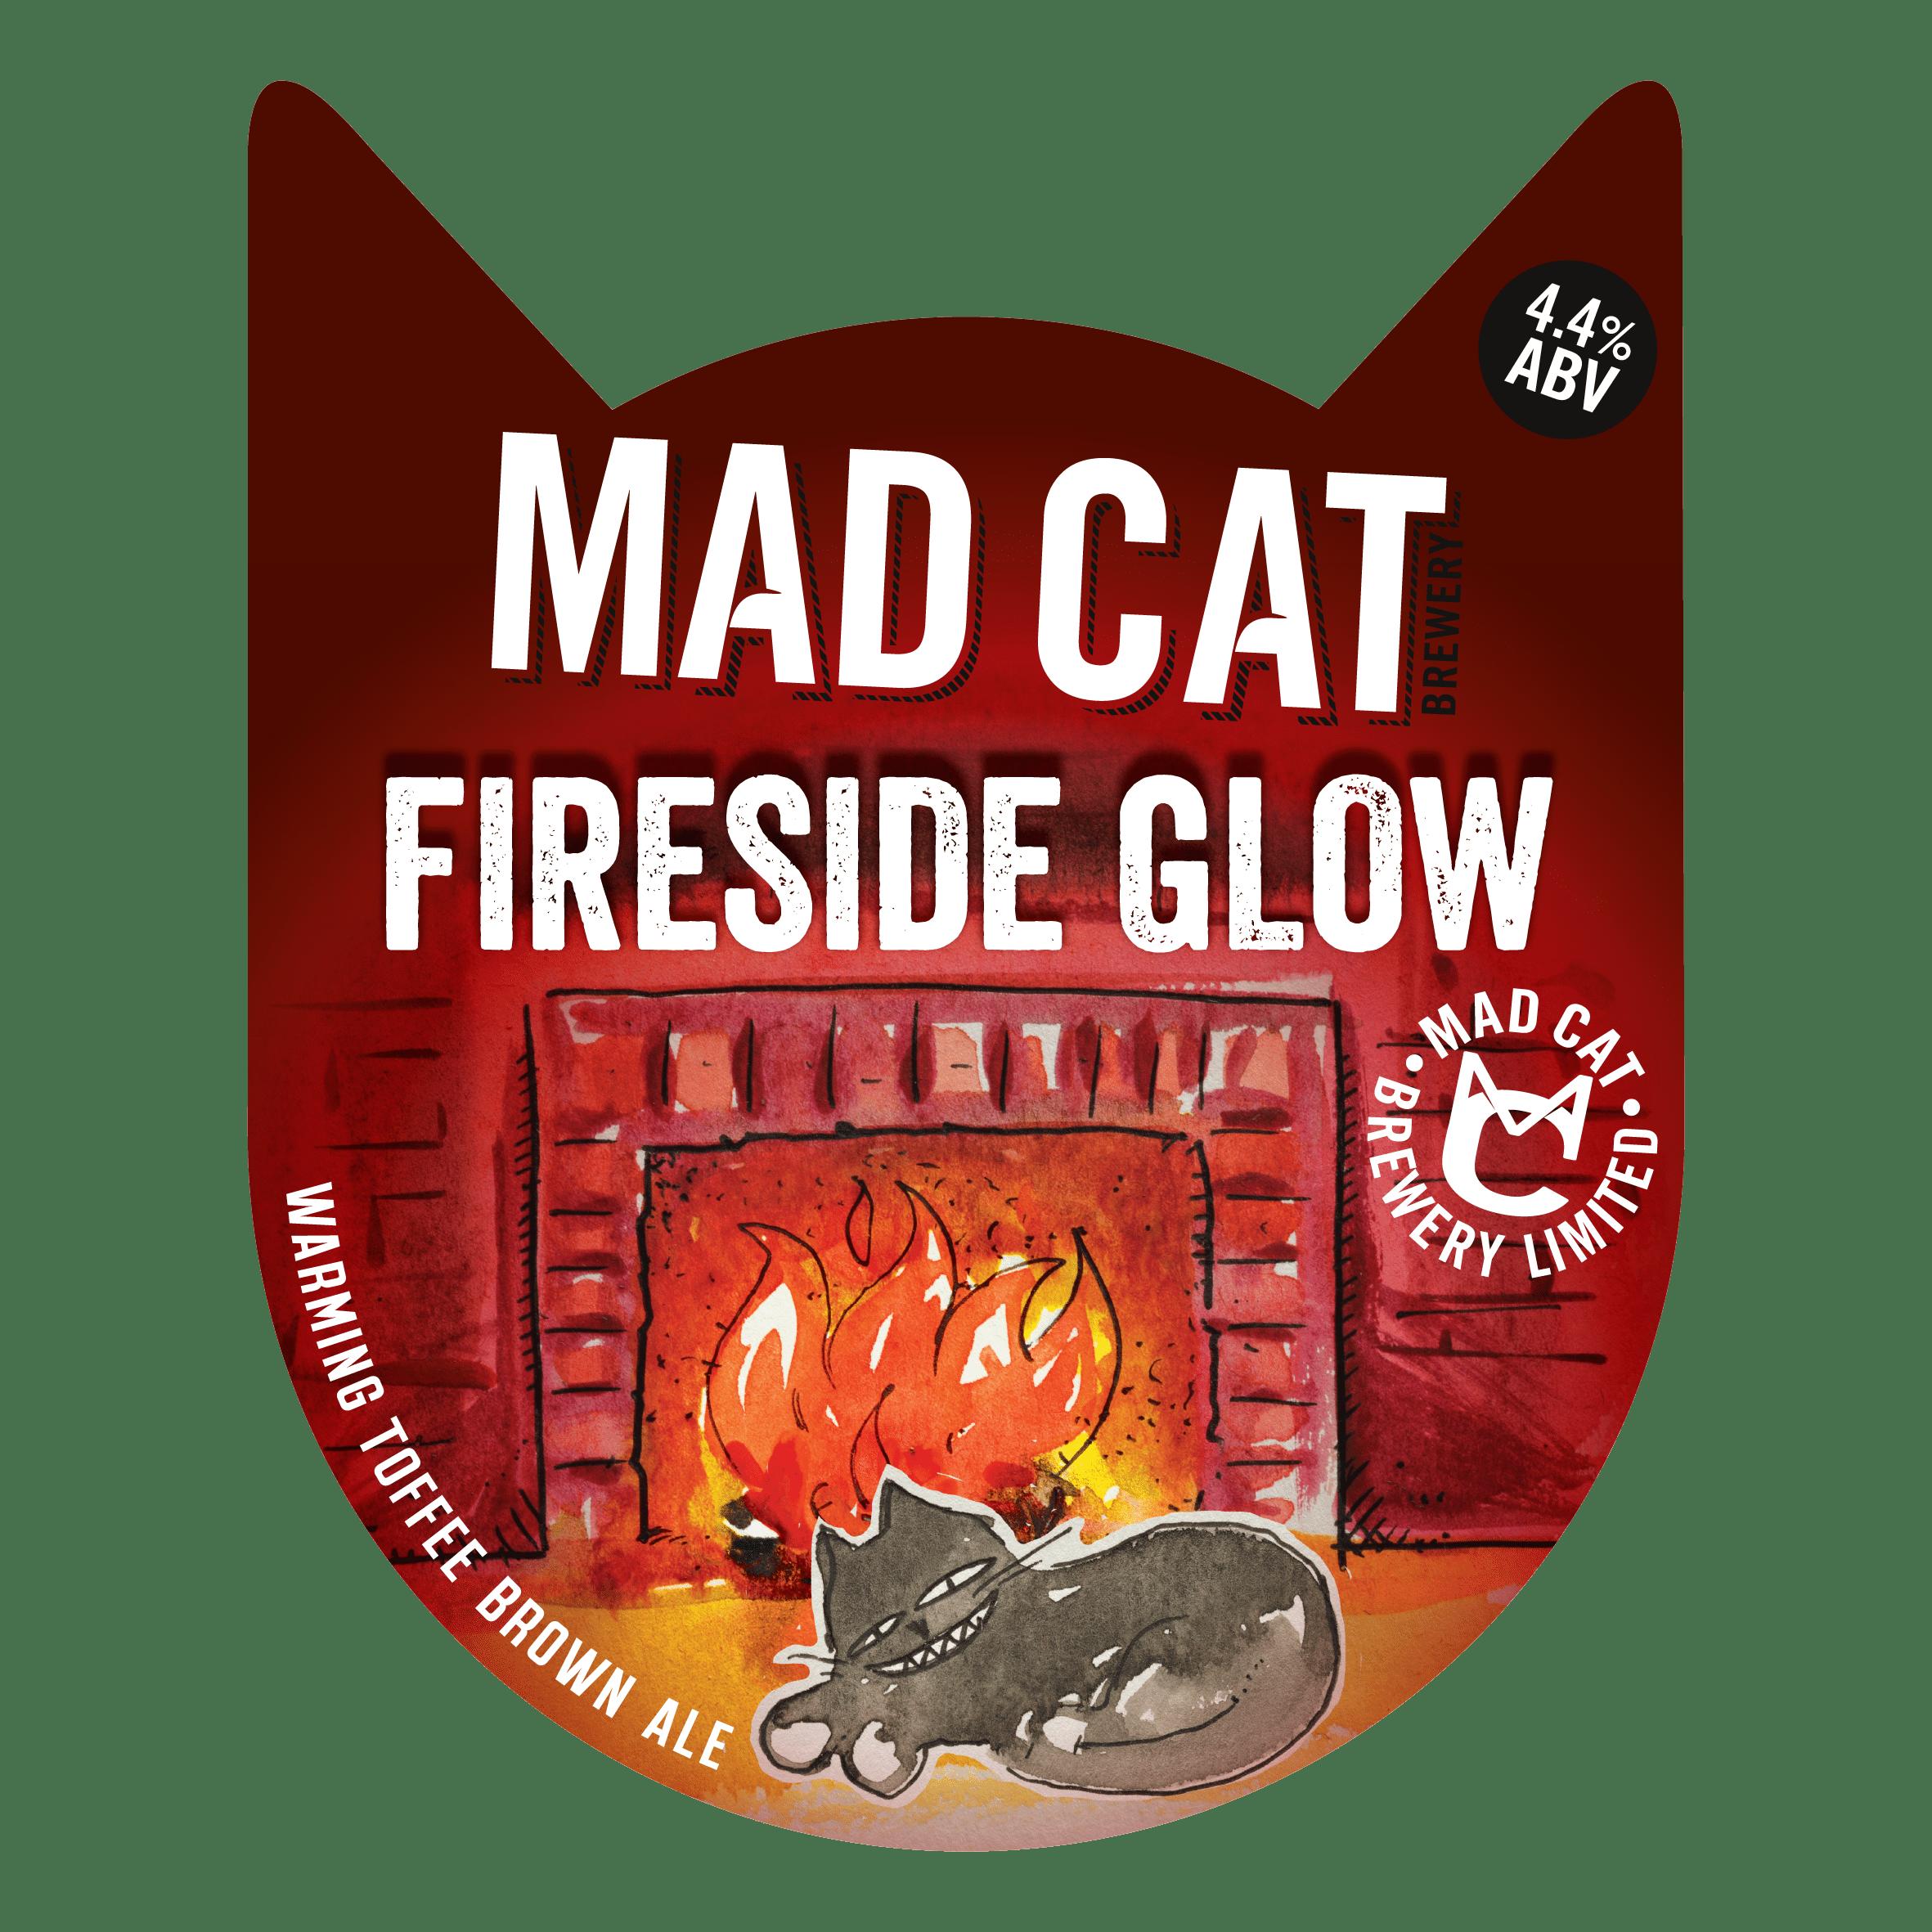 fireside glow pump clip